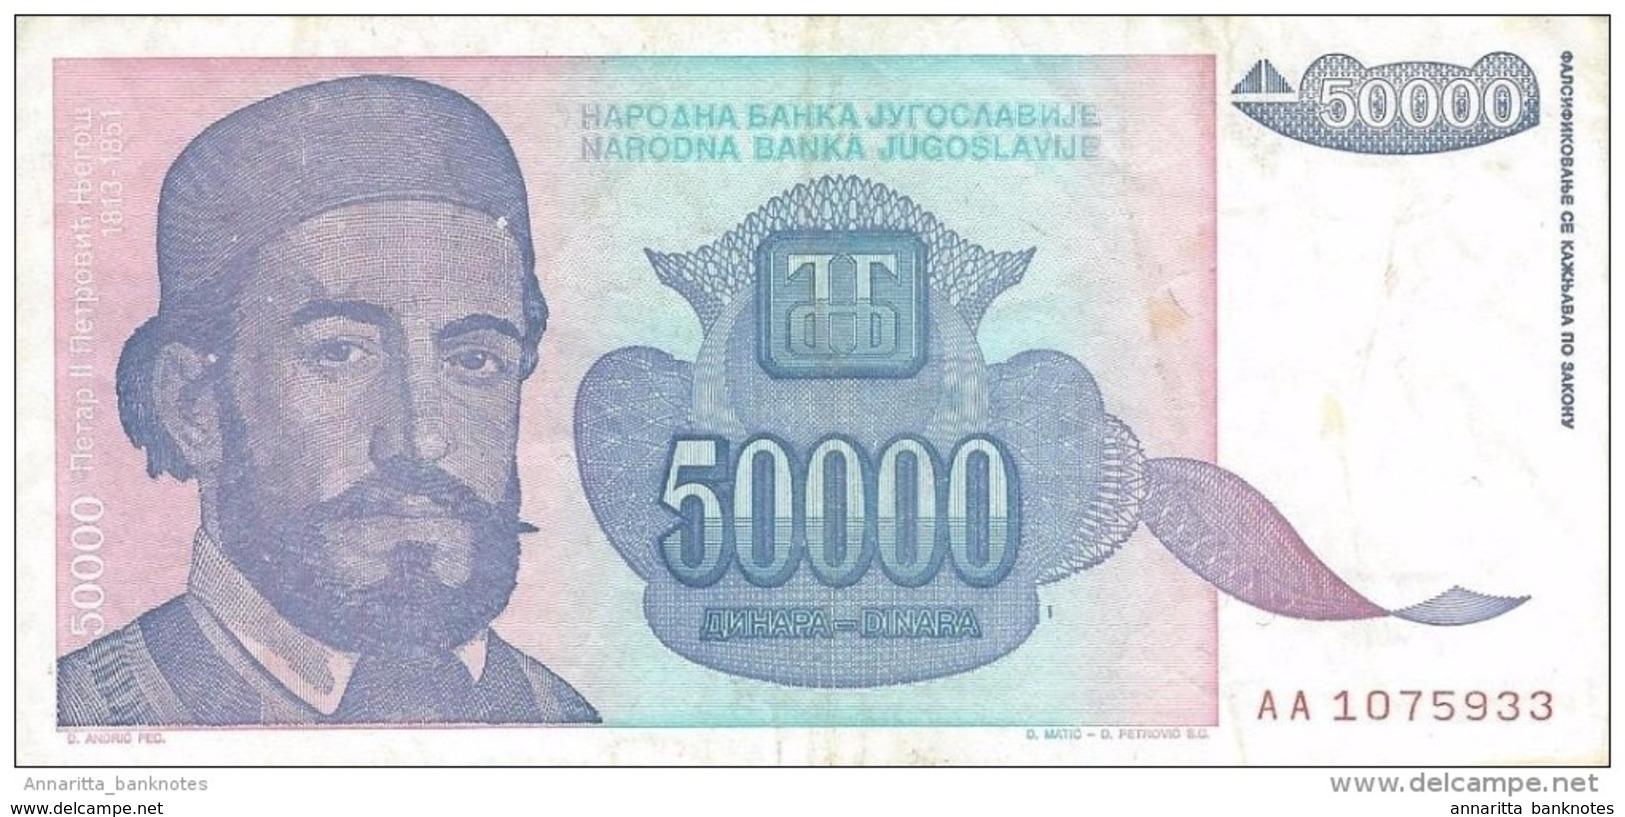 YOUGOSLAVIE 5000000 DINARA 1993 P-132 SUP [YU132au] - Yugoslavia